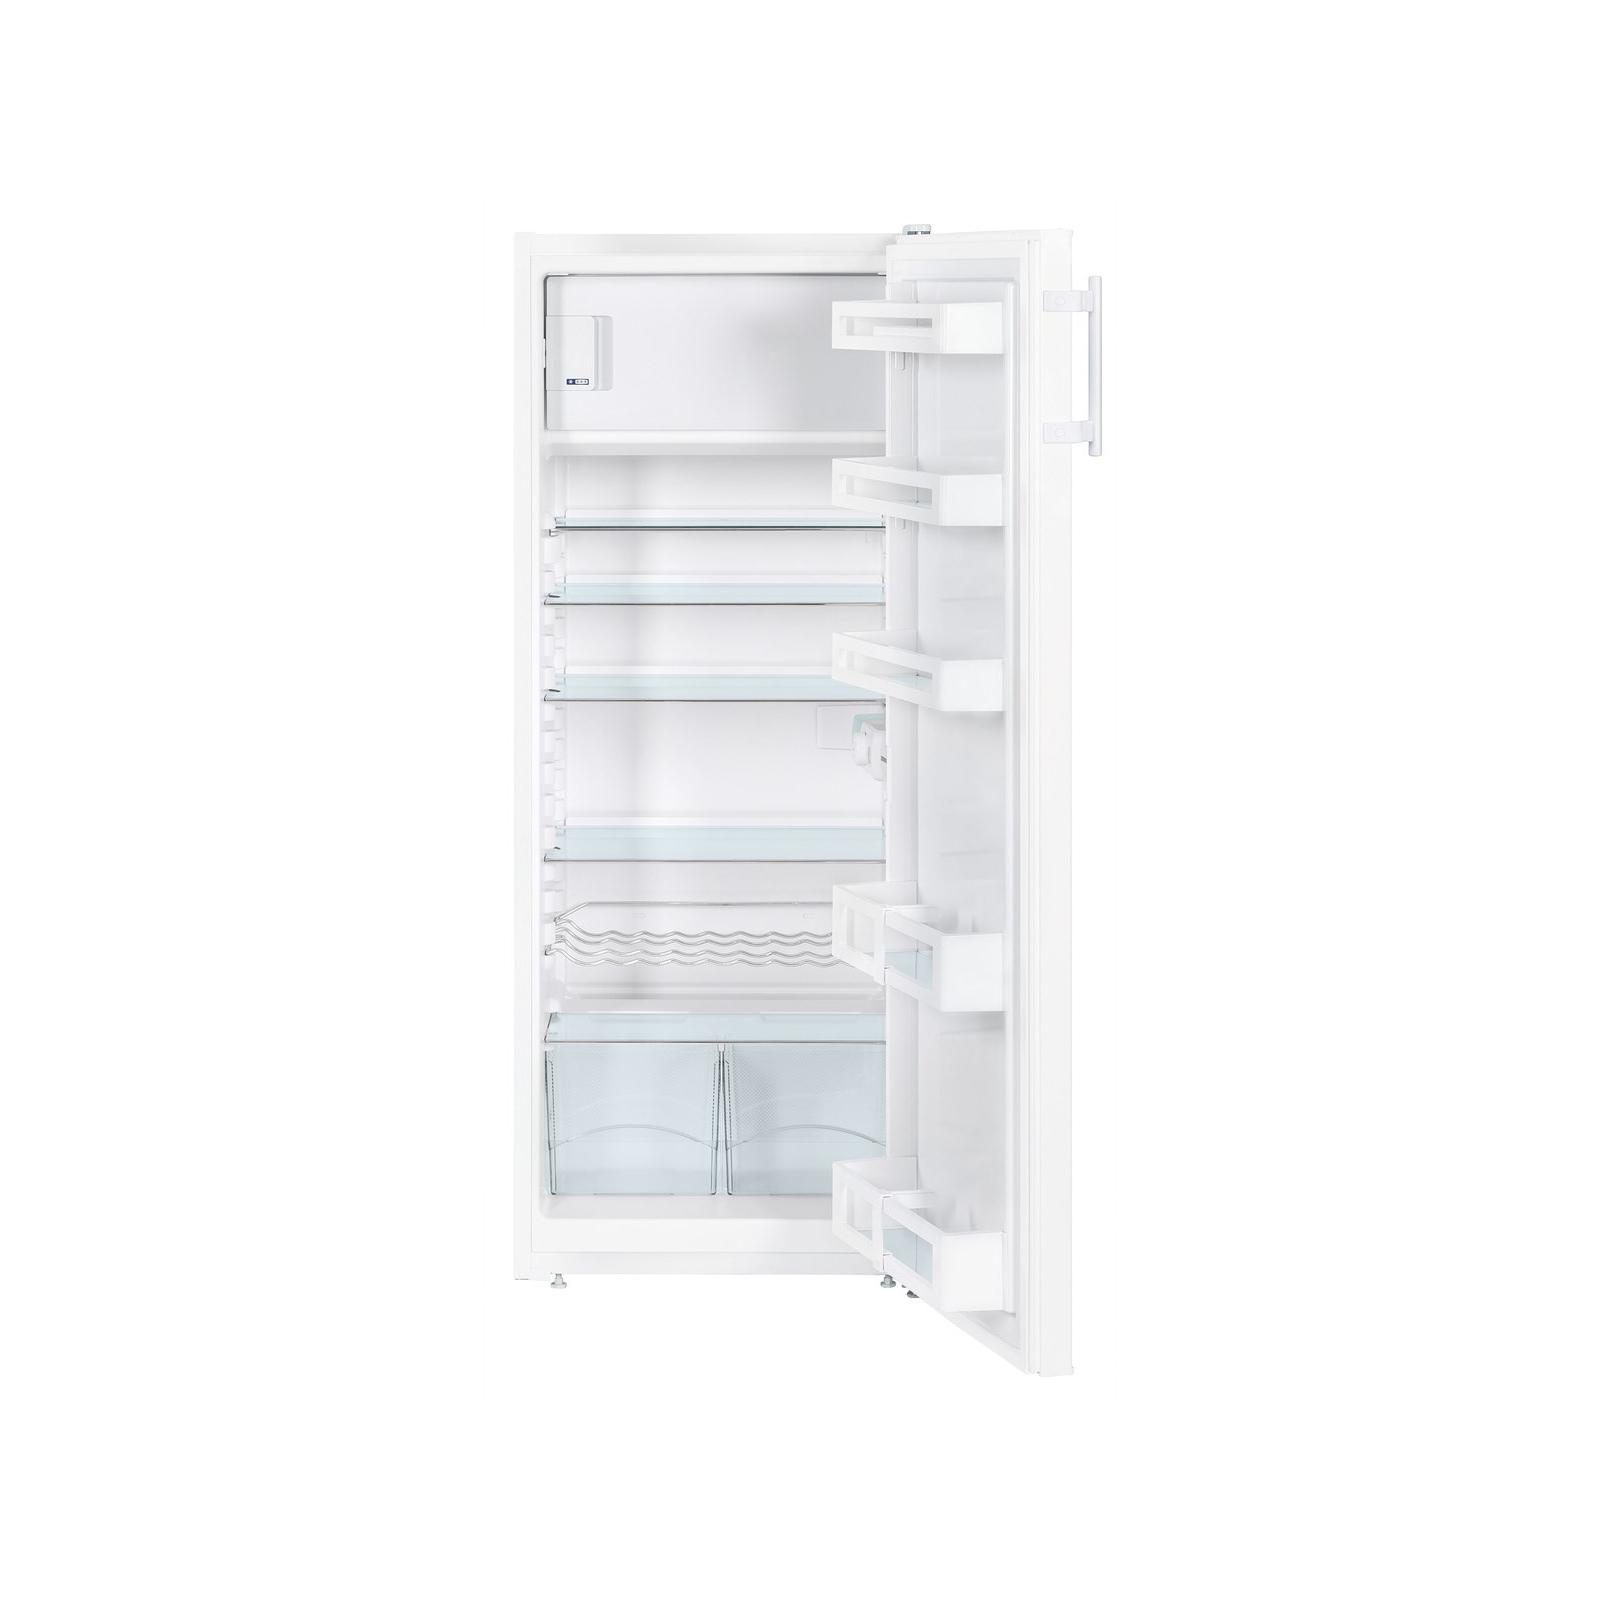 Холодильник Liebherr K 2814 изображение 3